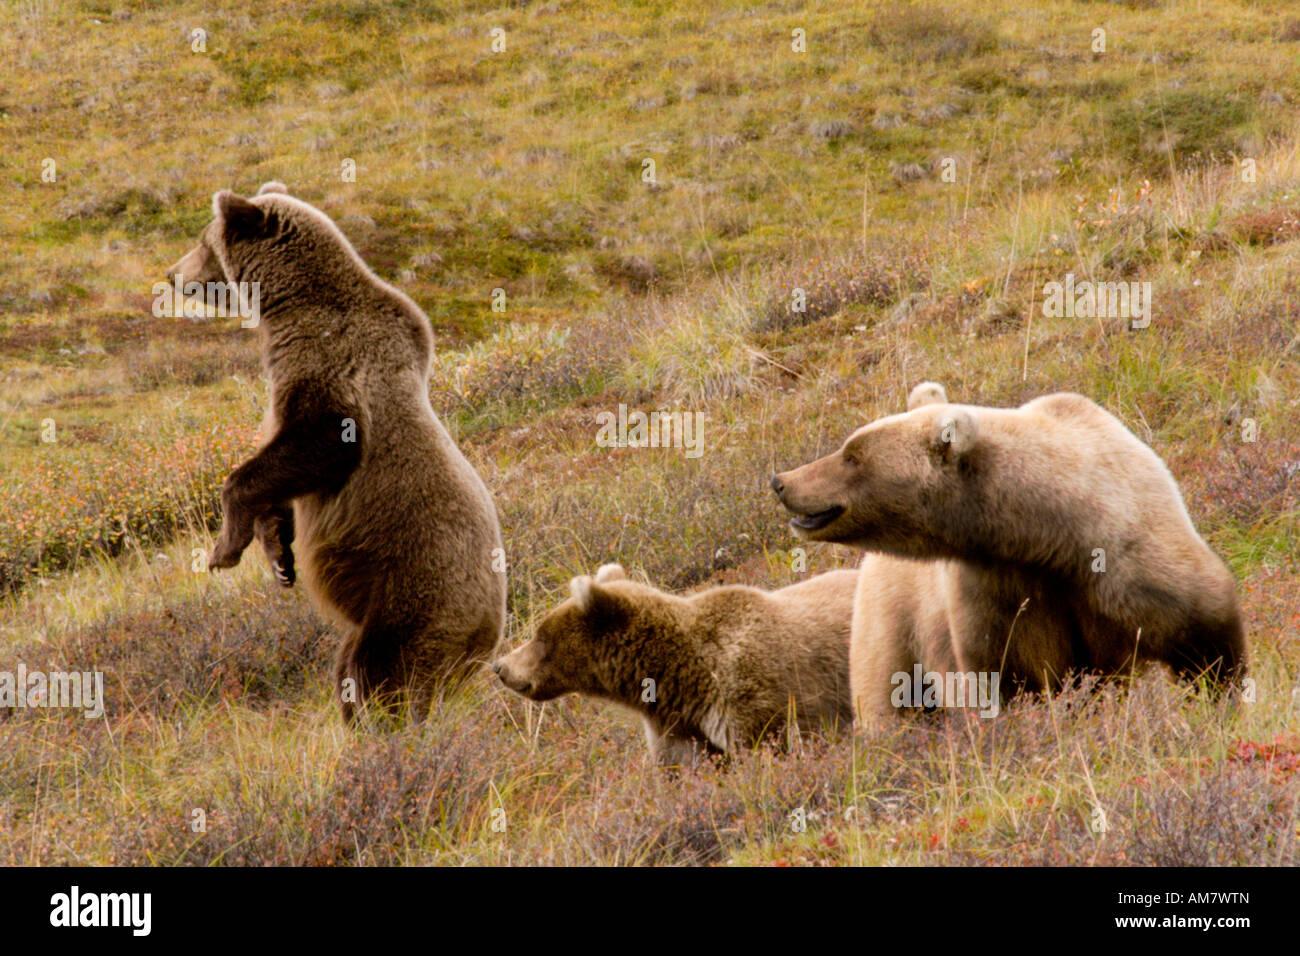 Grizzly Bären, Ursus Arctos Horribilis, weibliche und Jugendliche Bären, Alaska, USA Stockbild